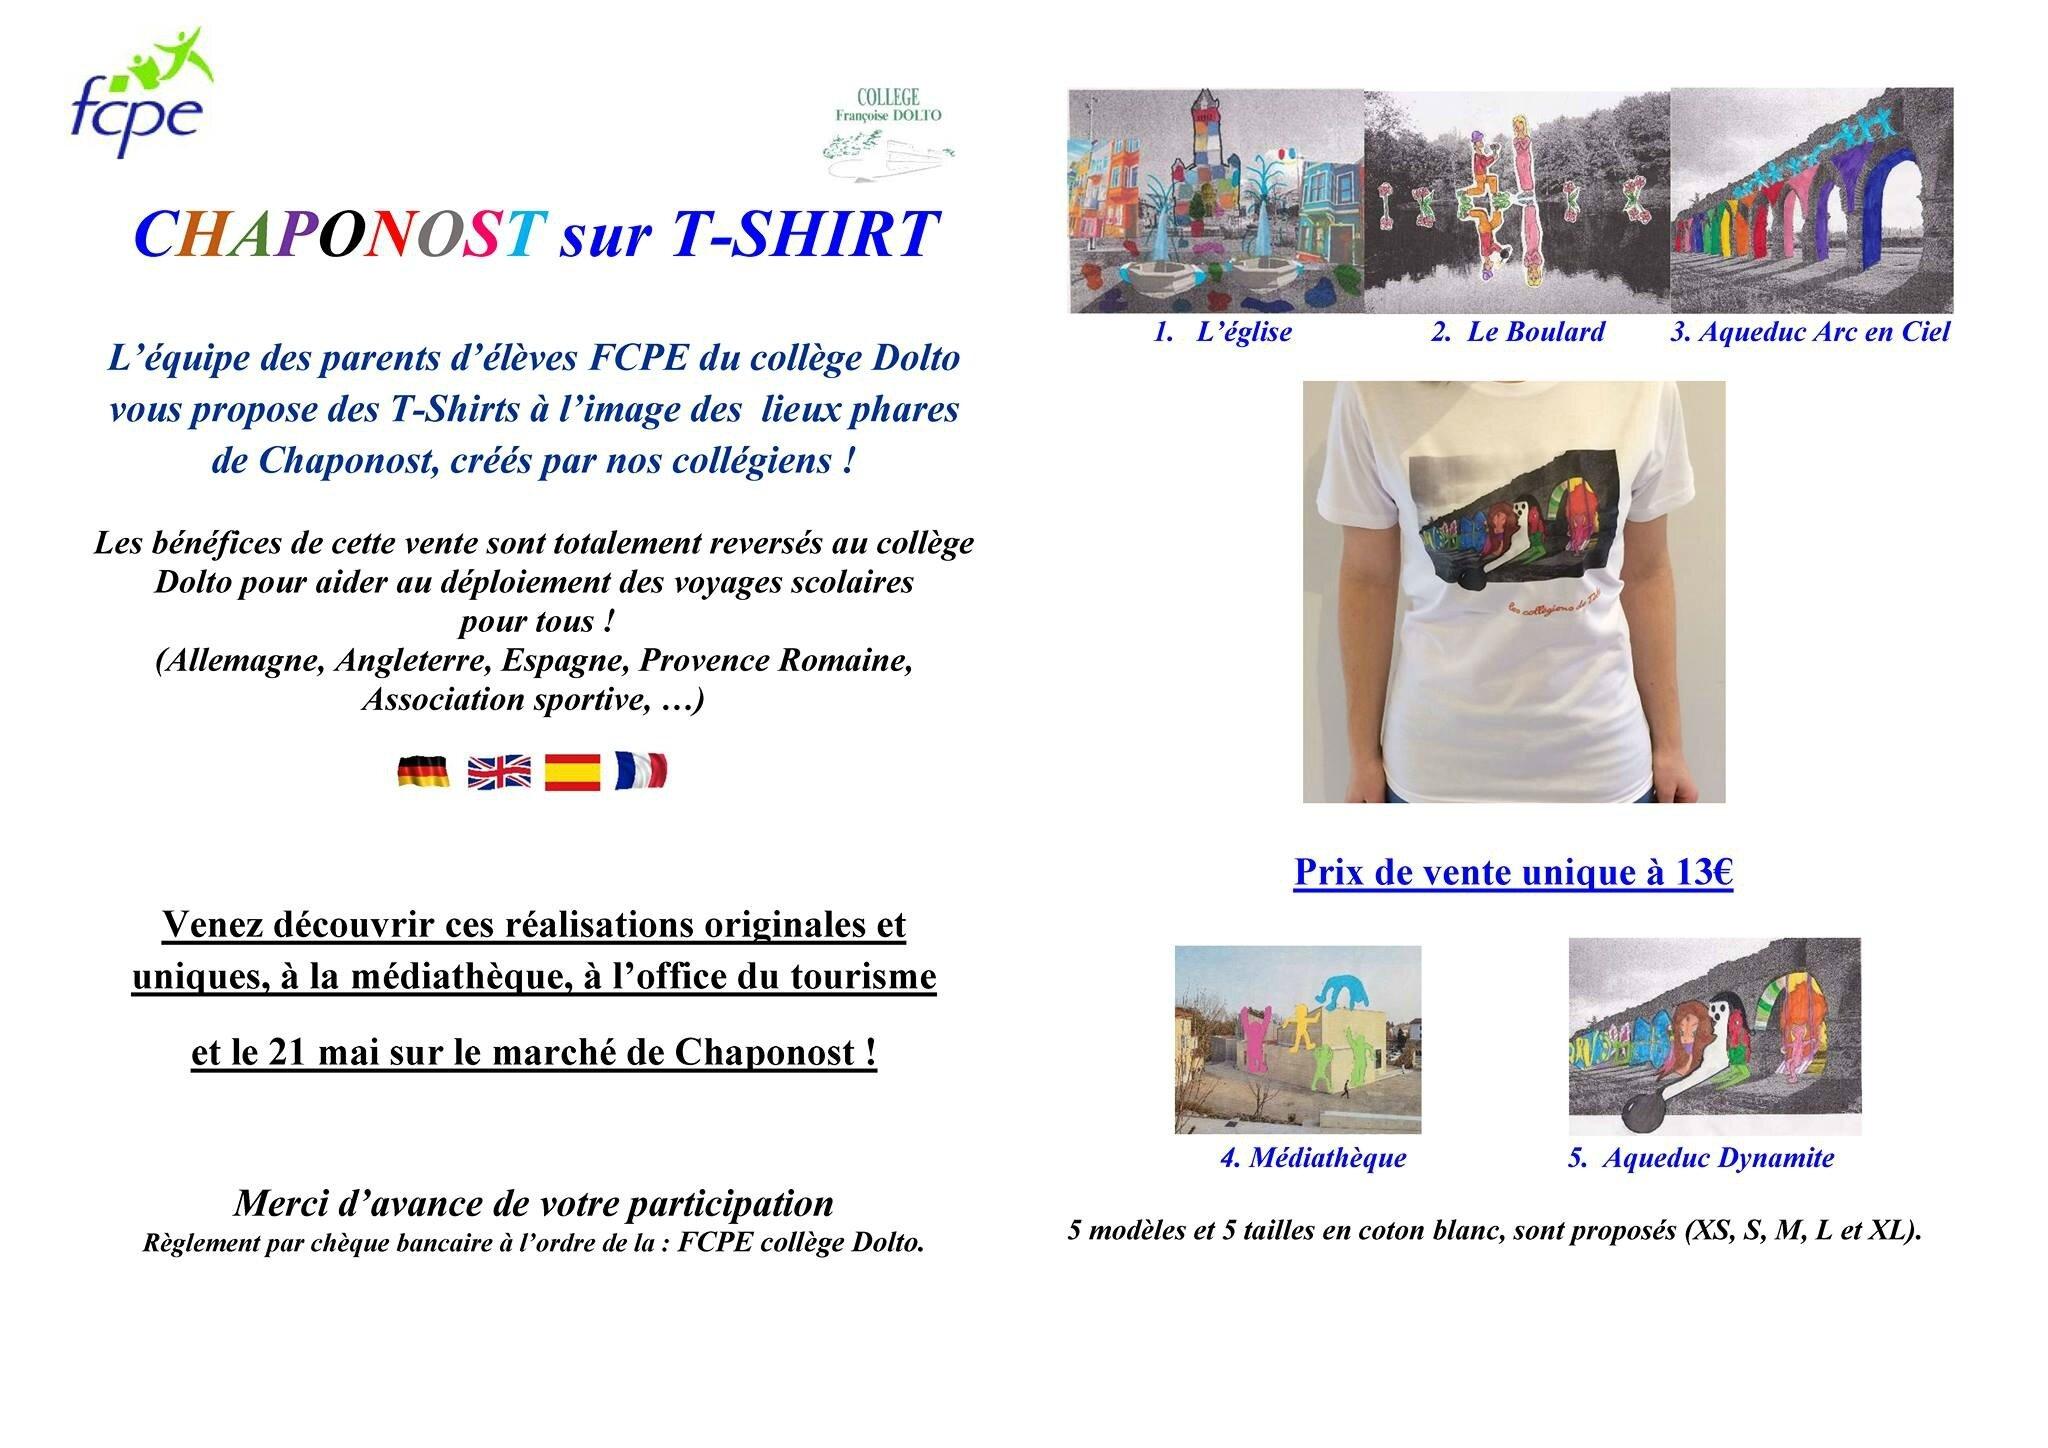 - T-Shirts à l'image des lieux phares de Chaponost